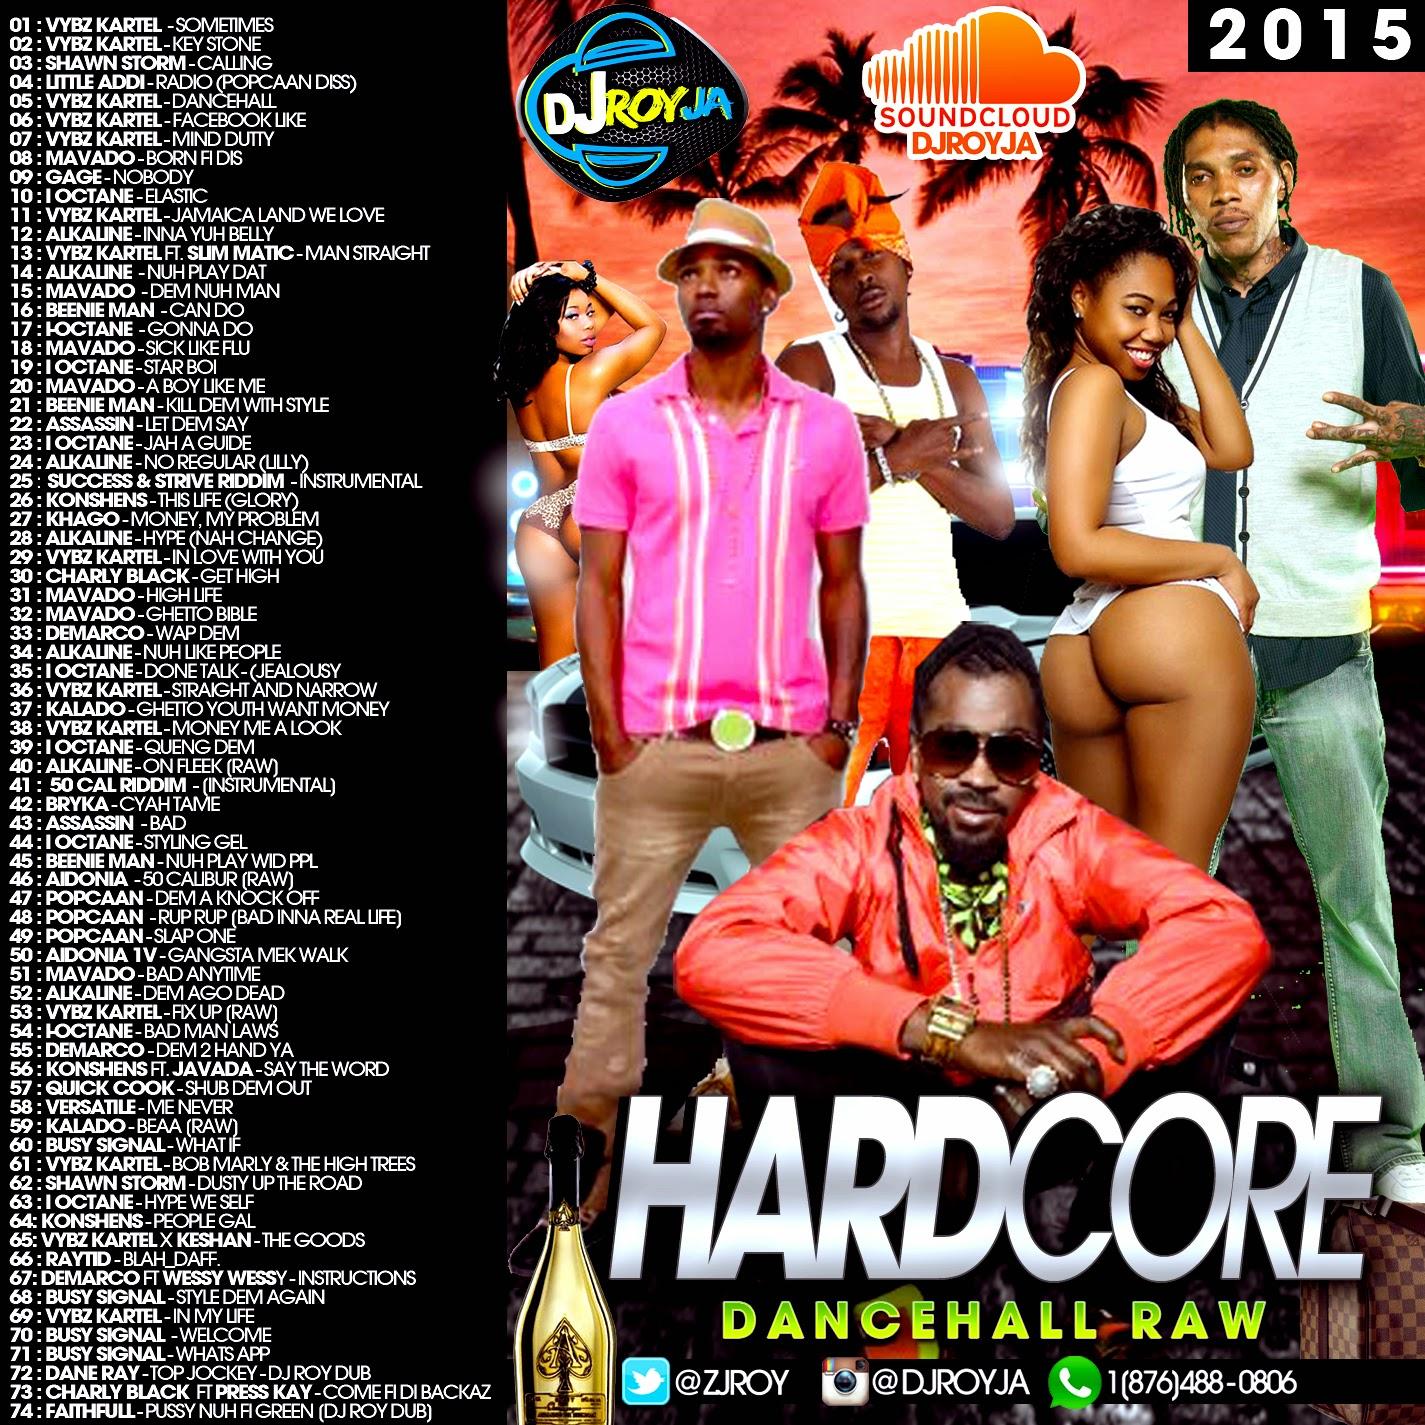 Hardcore Dancehall 91